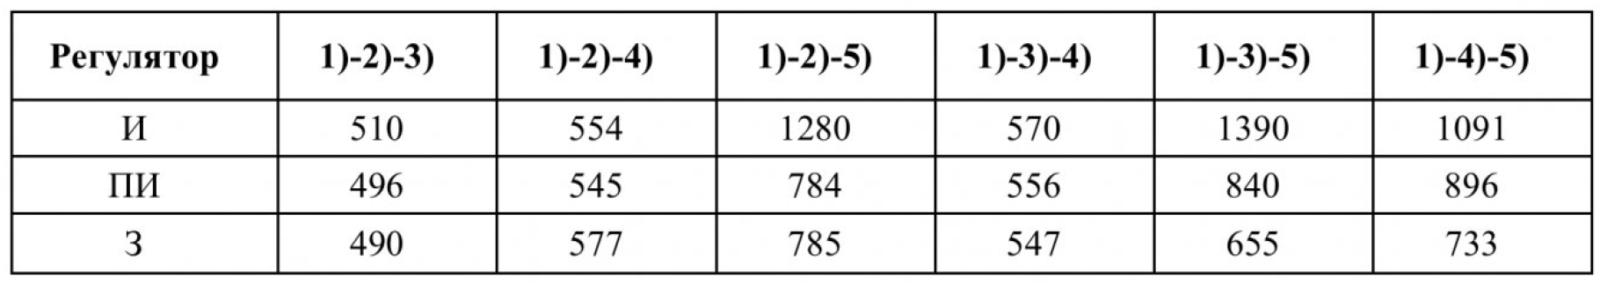 Таблица 5 – Энергия электрических потерь, Вт